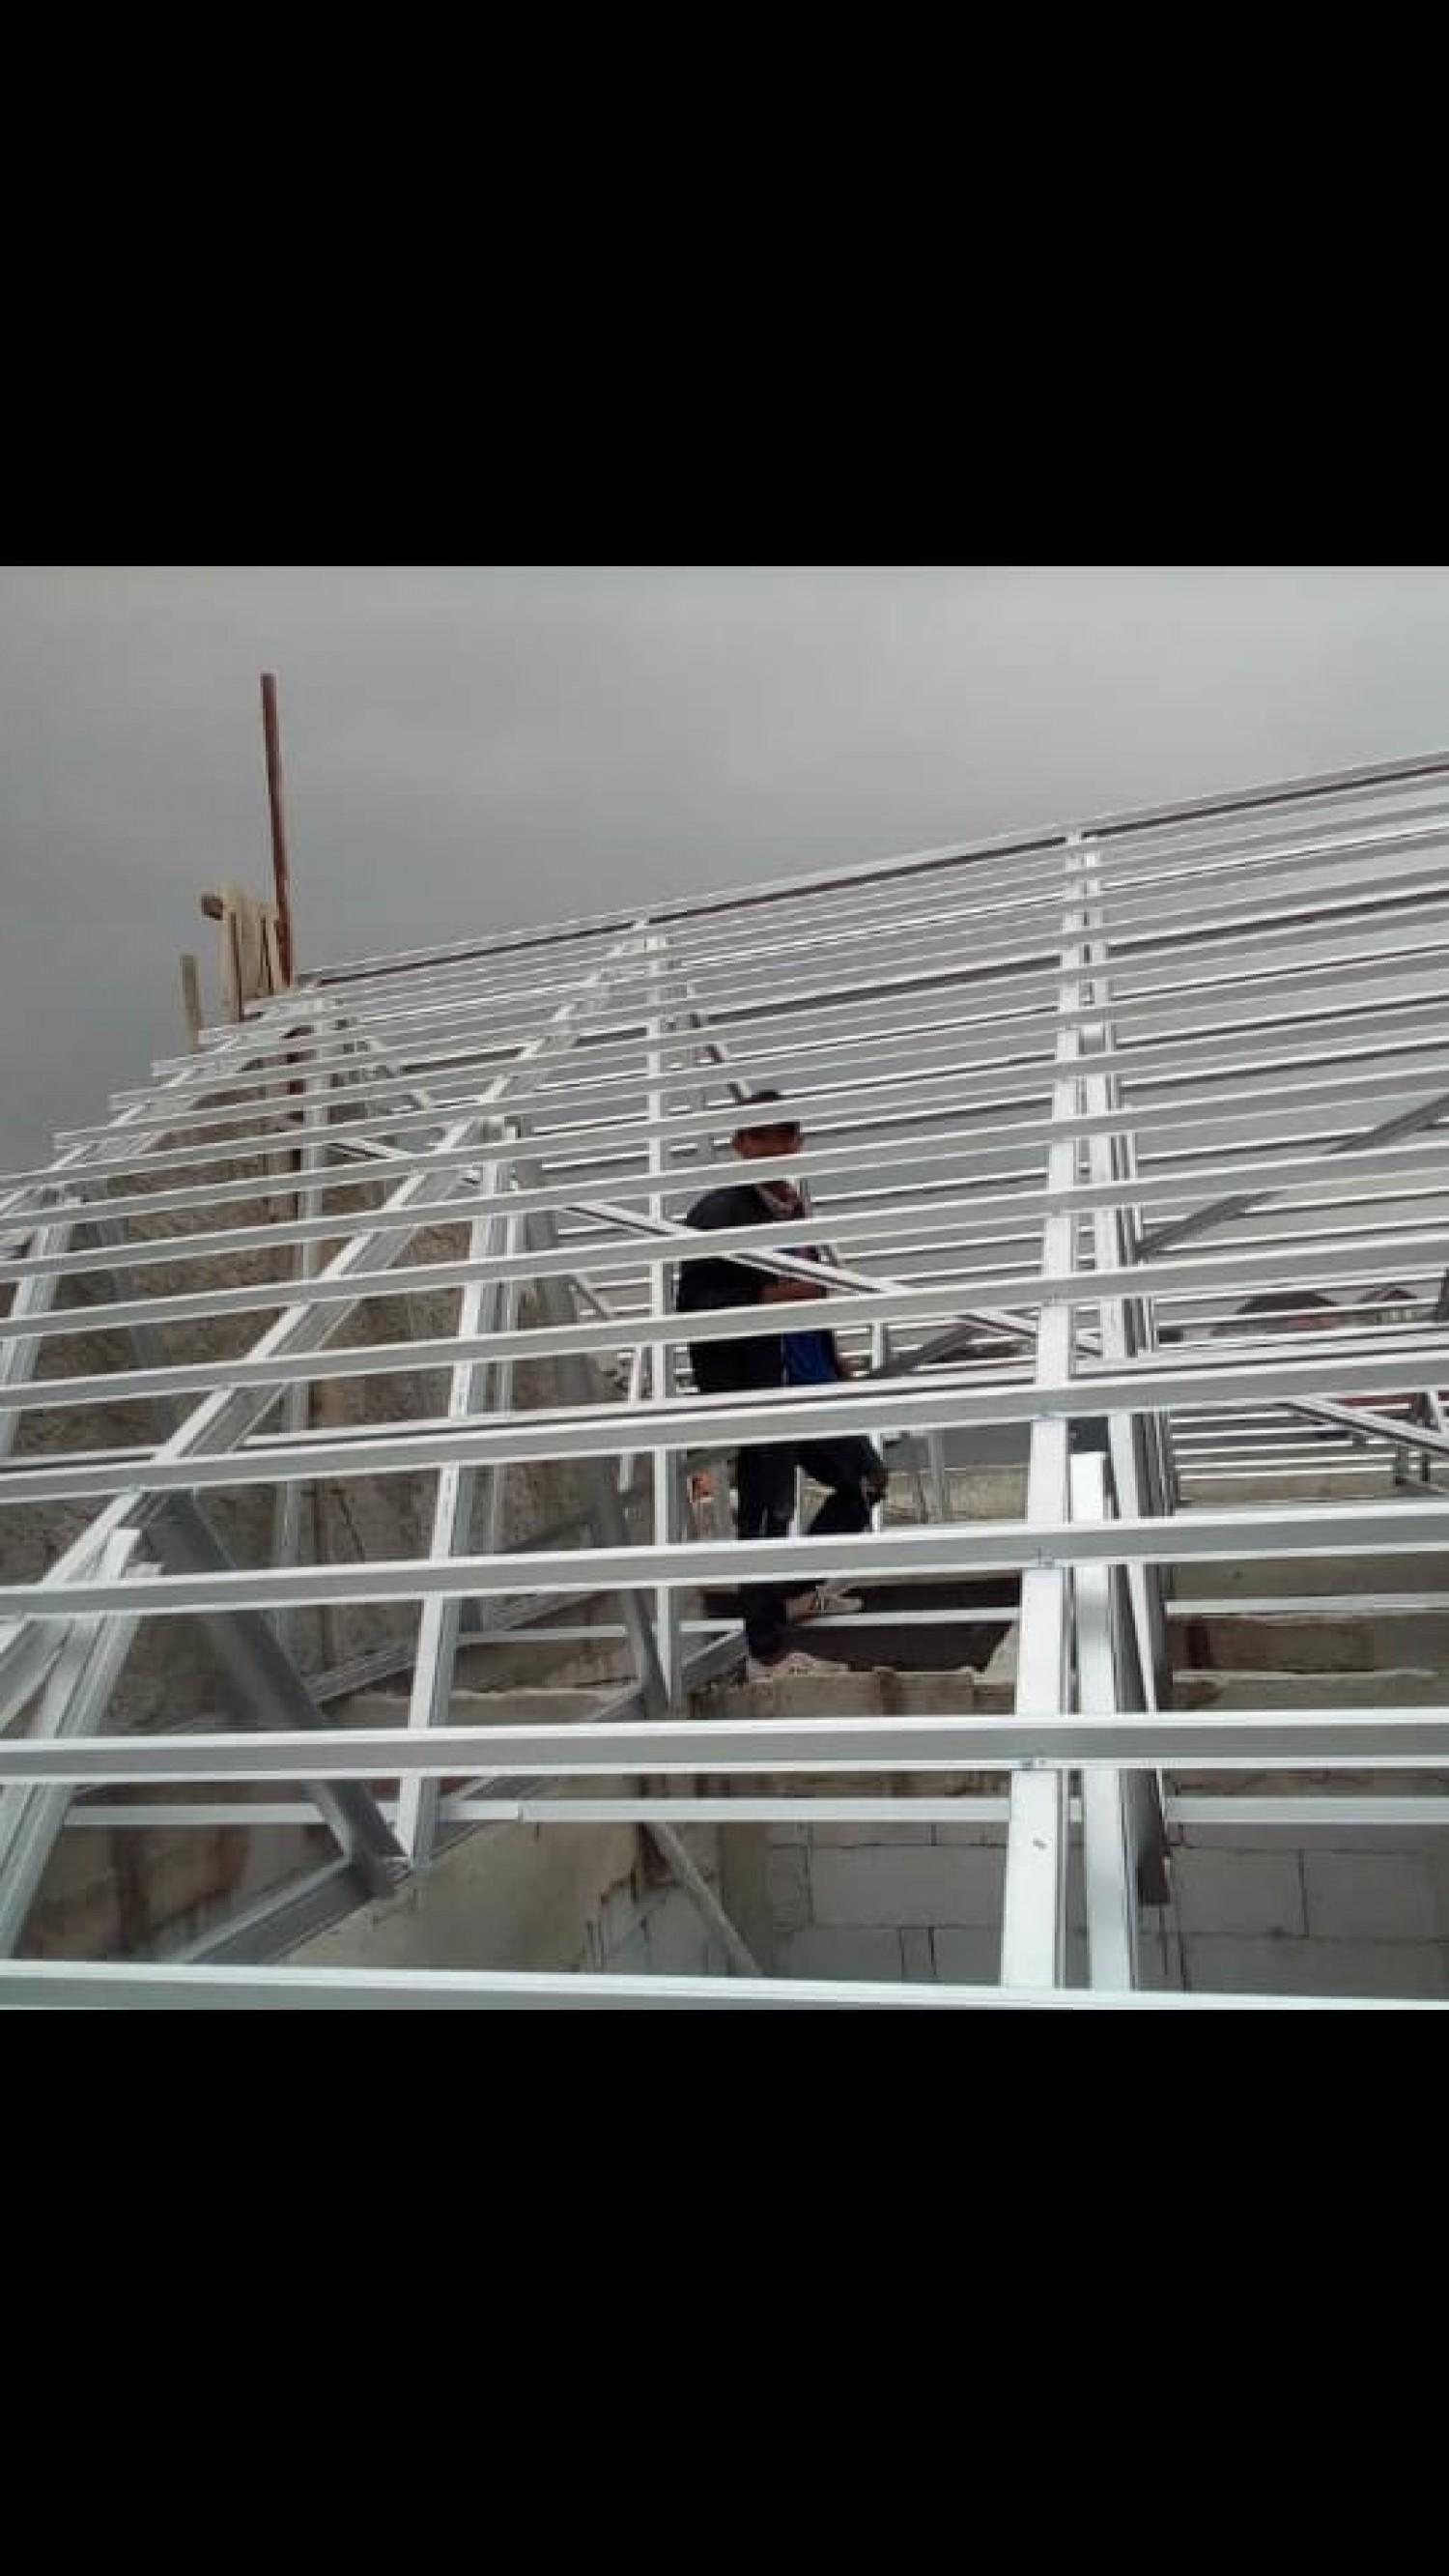 pasang canopy baja ringan depok jasa kanopi hubungi 085326752508